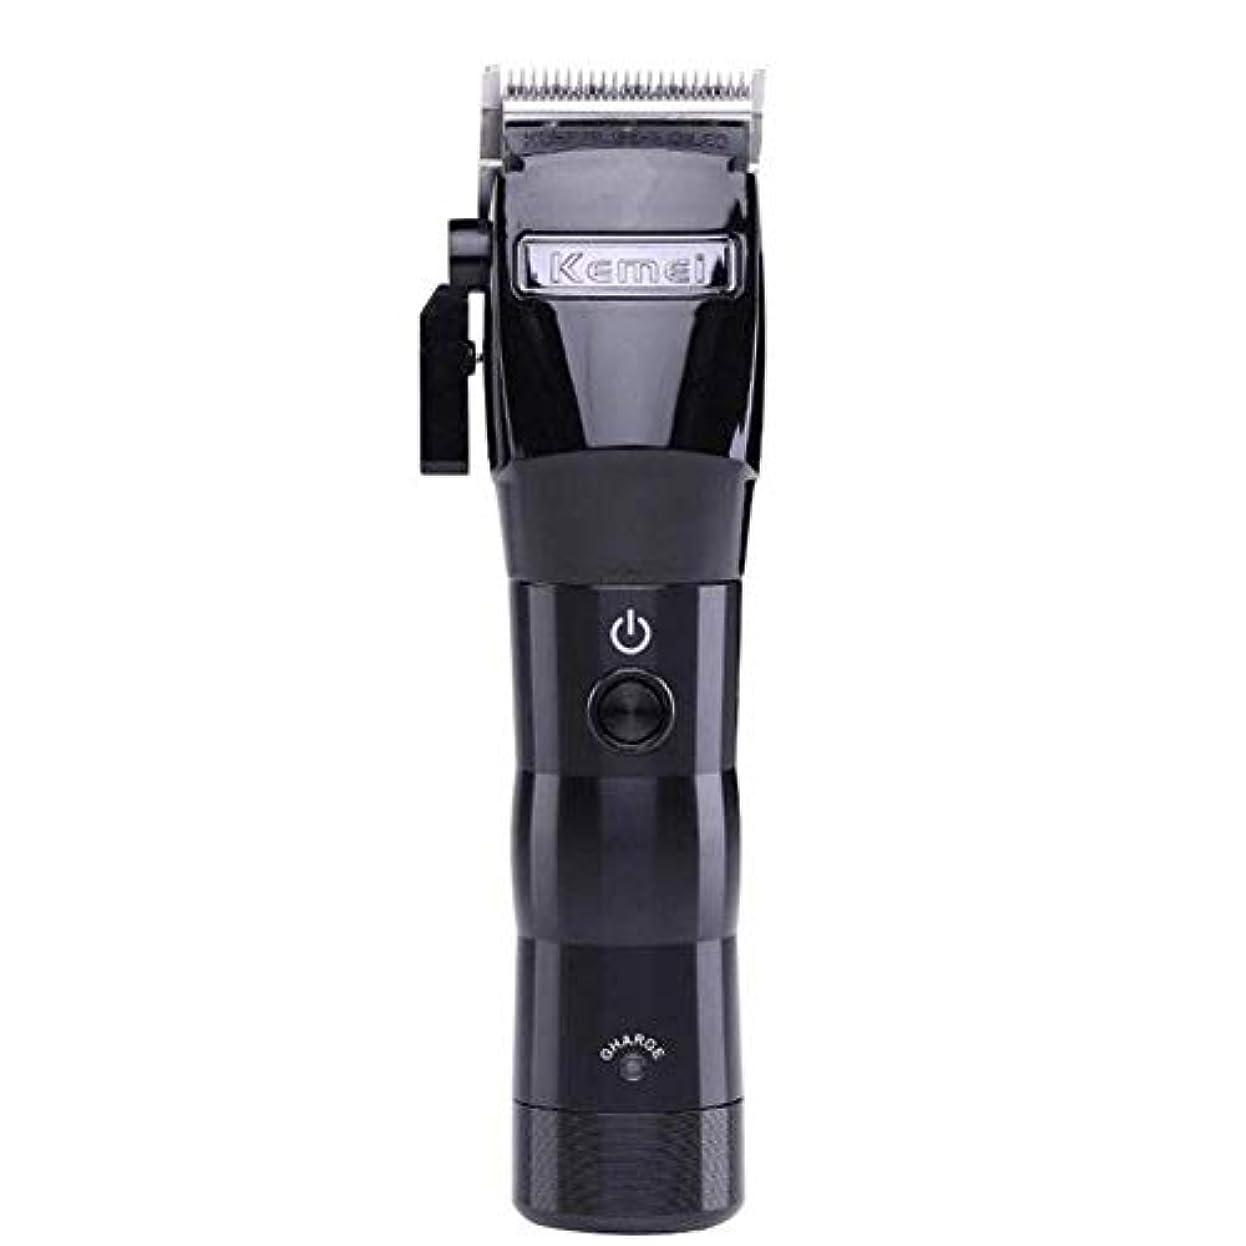 スパーク調整可能イソギンチャクバリカン男性メンズ電気ワイヤレスバリカントリマー強力な充電式プロフェッショナル美容鋏メンズホームバリカン